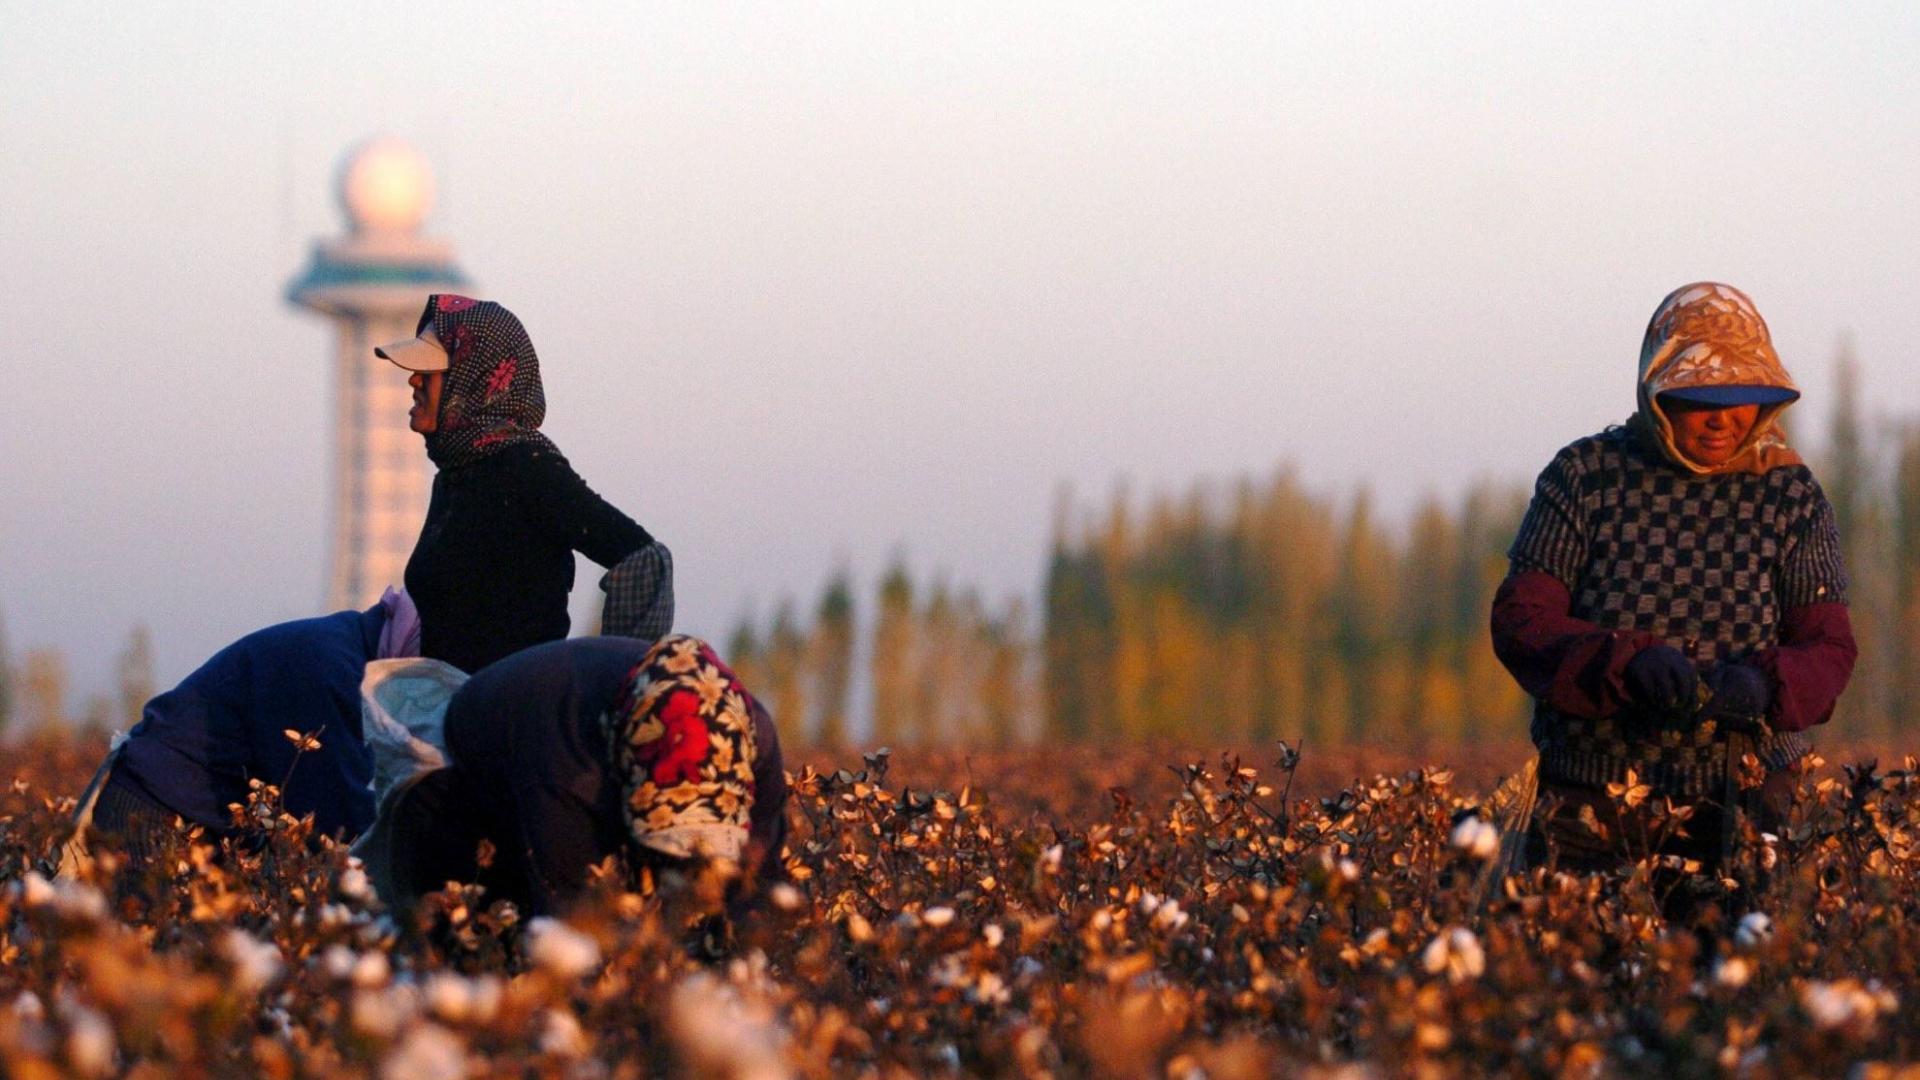 Zwei Frauen arbeiten auf einer Baumwollplantage.